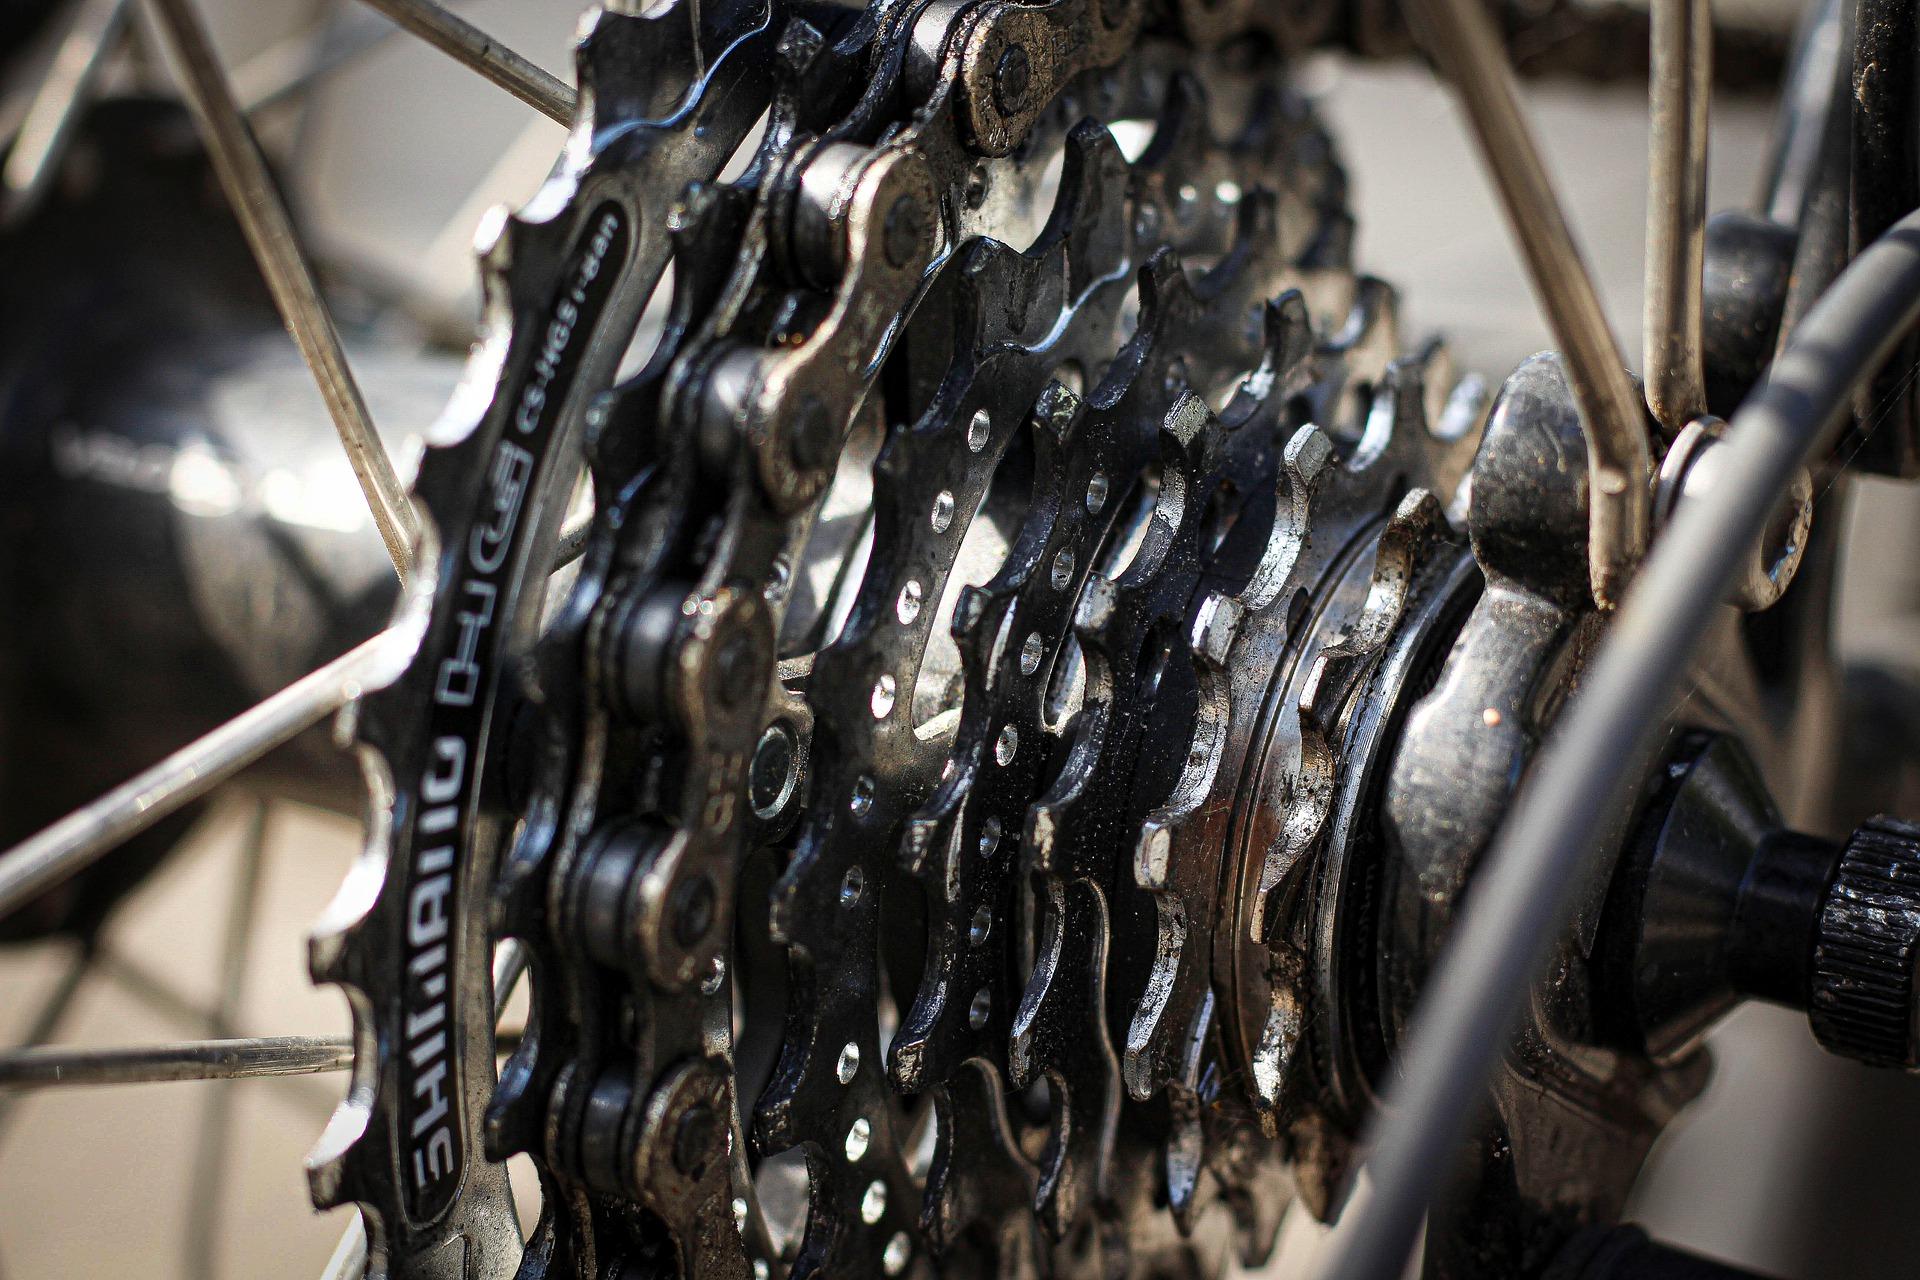 bike-4325270_1920